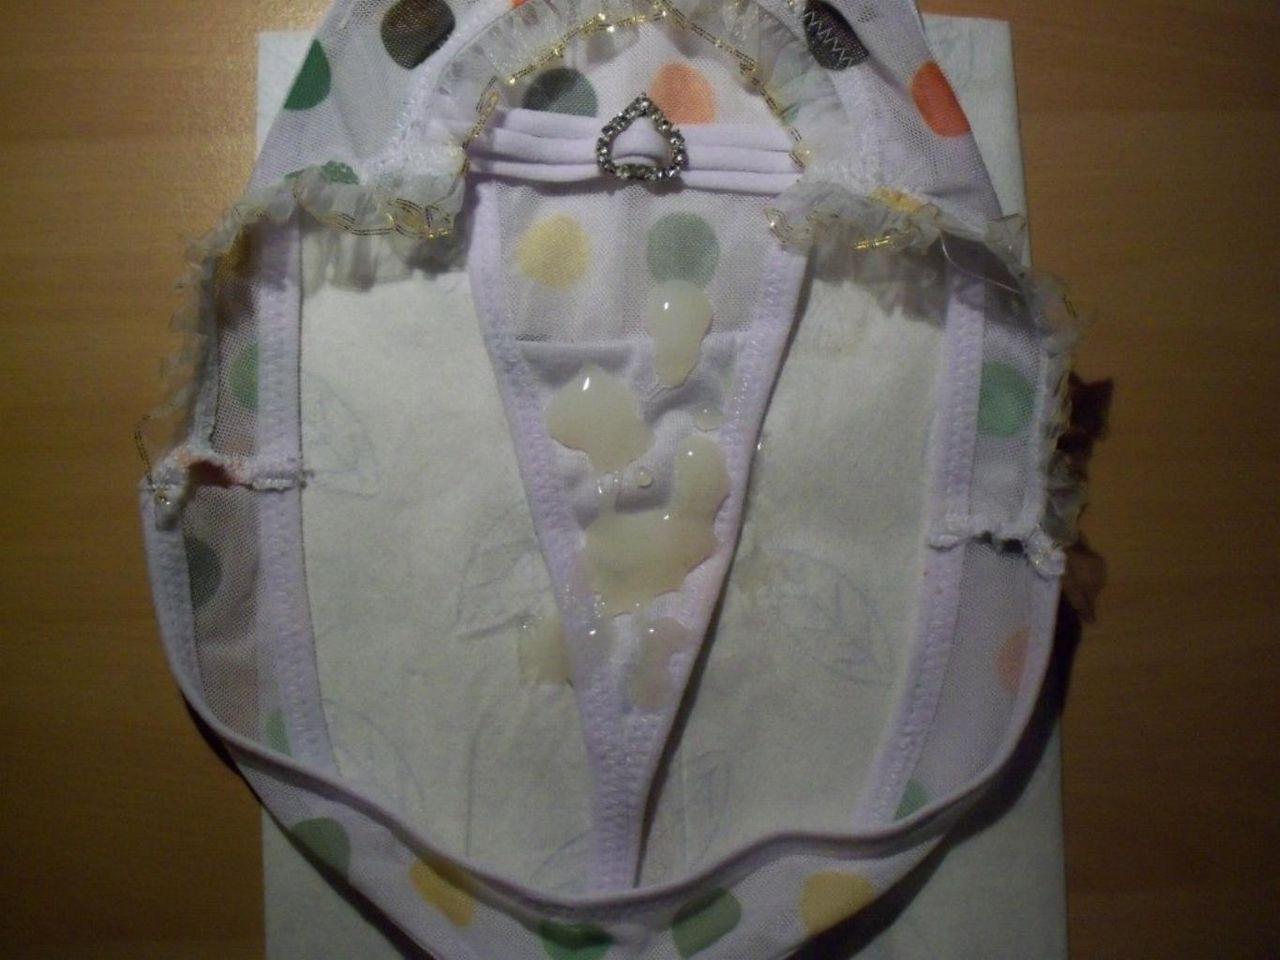 姉の紐パンツでパンコキ中出し射精するエロ画像3枚目